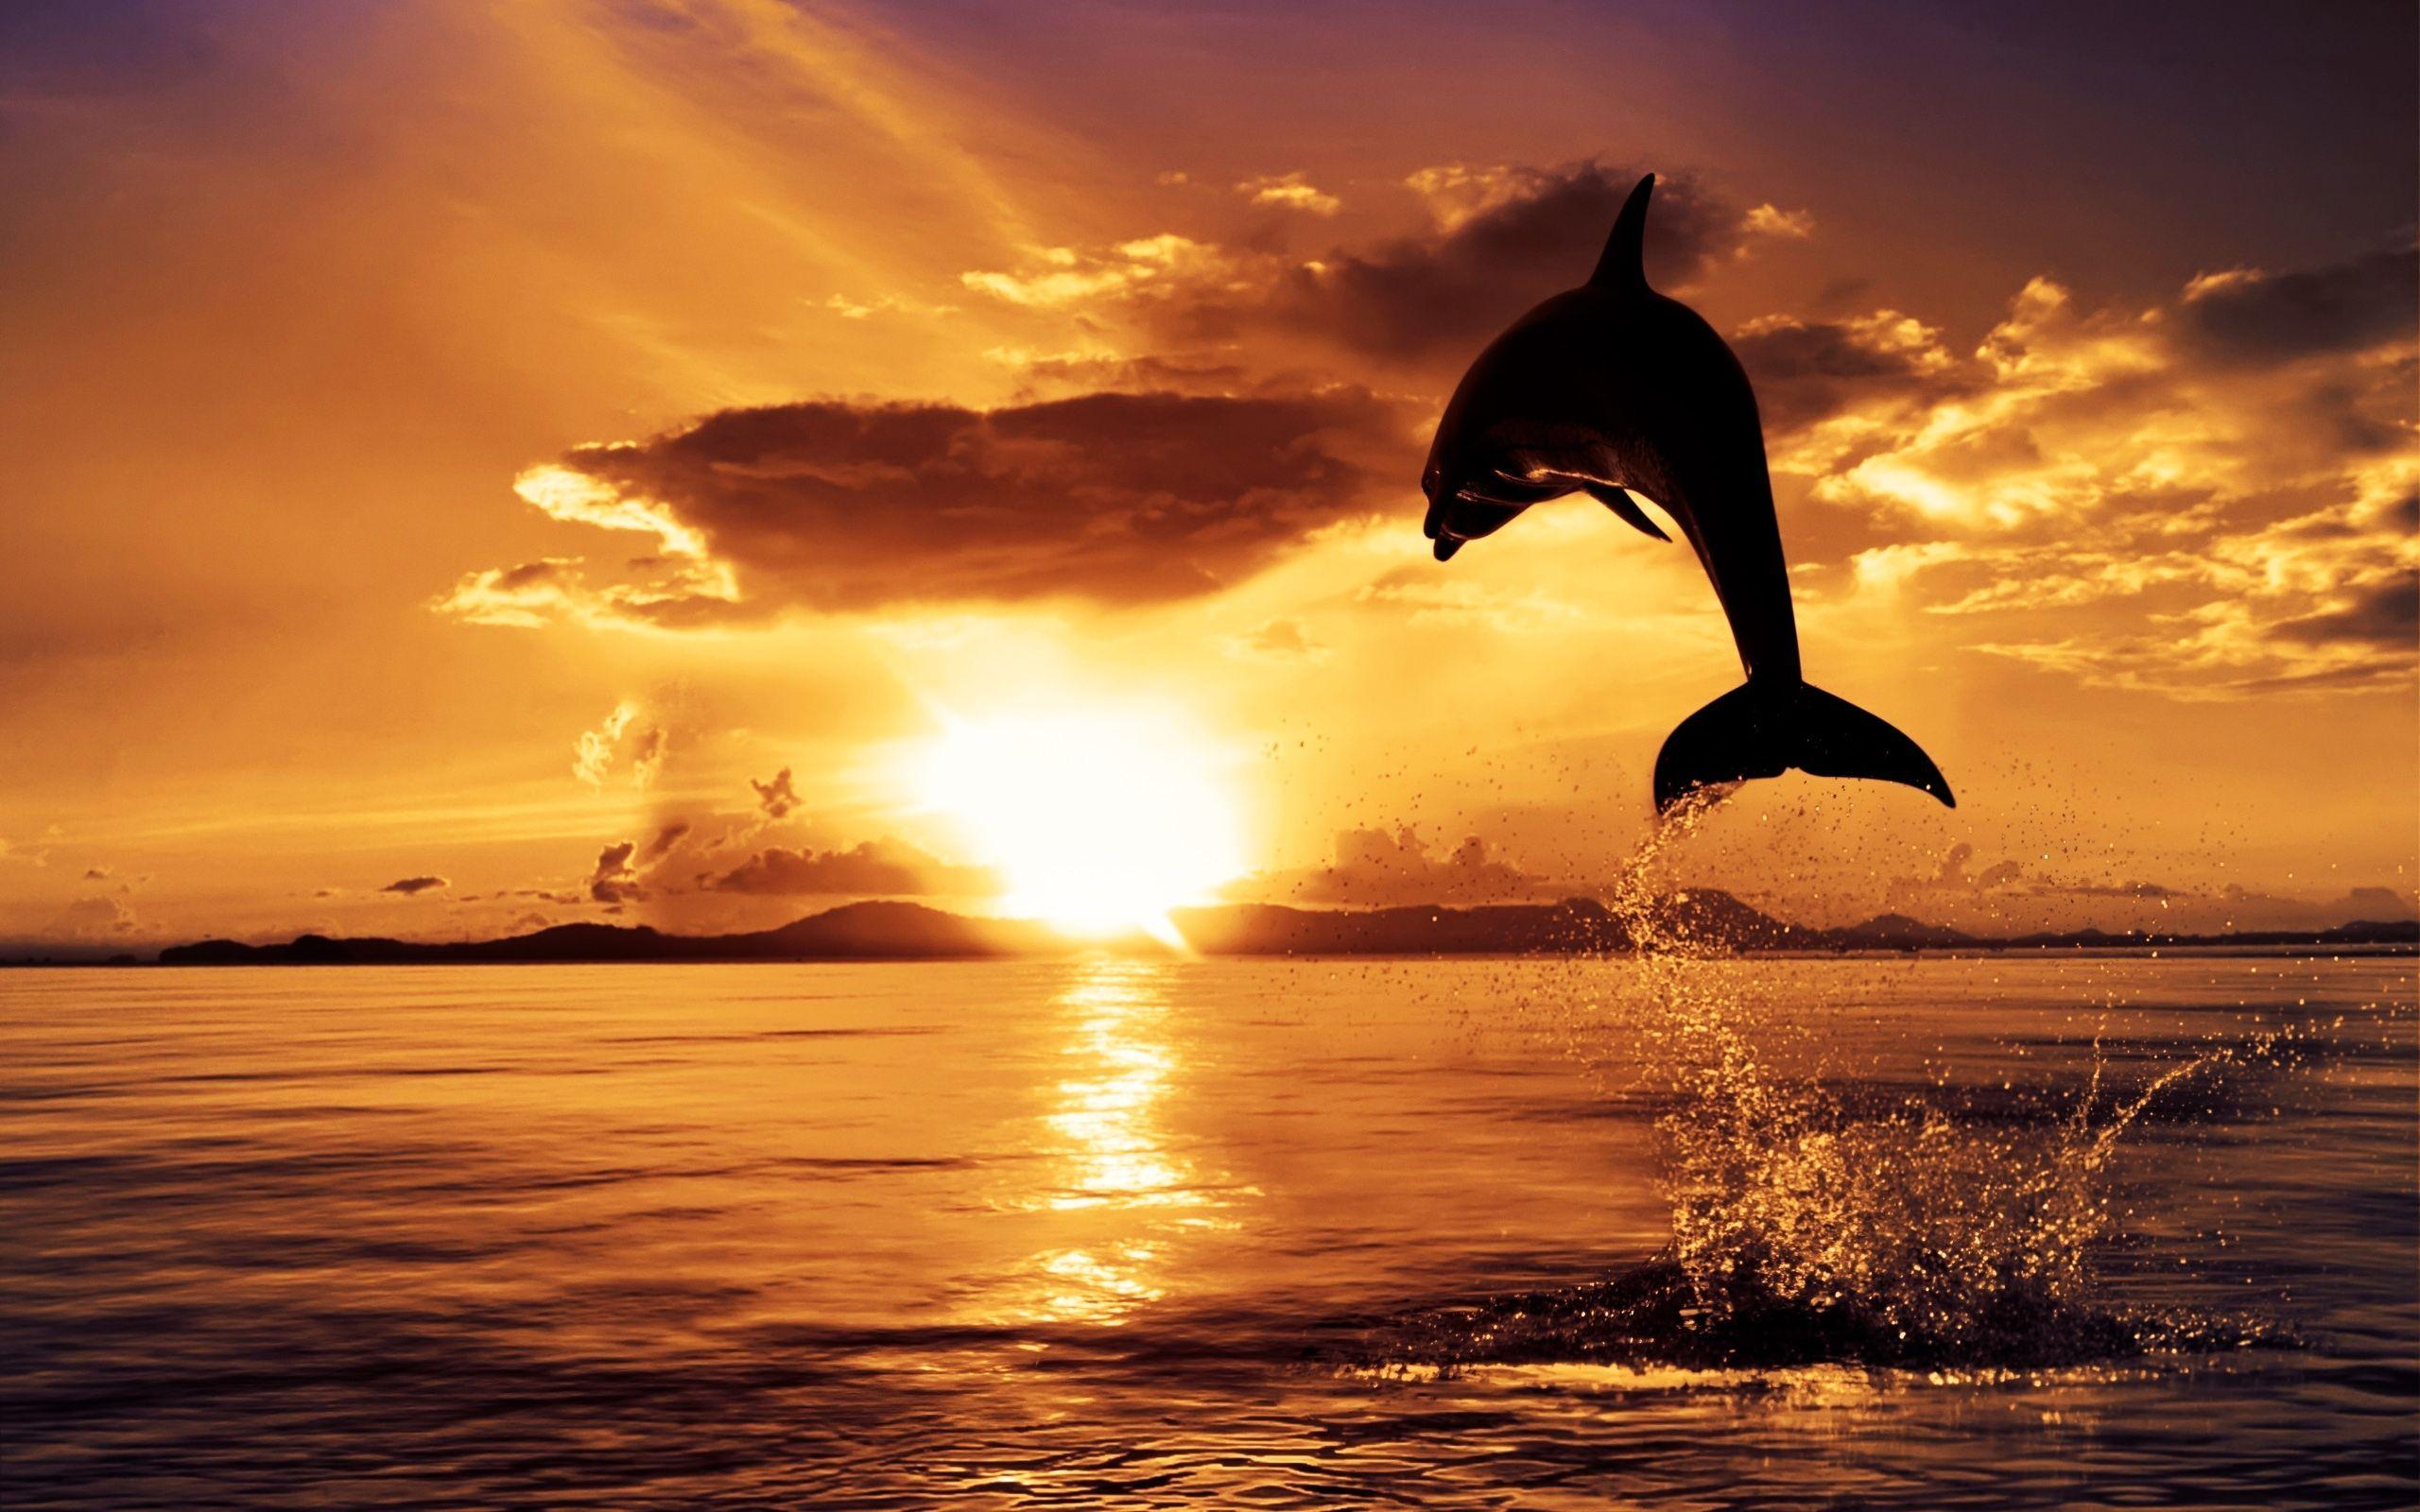 صوره صور غروب الشمس , منظر بدهشك من روعة جمالة